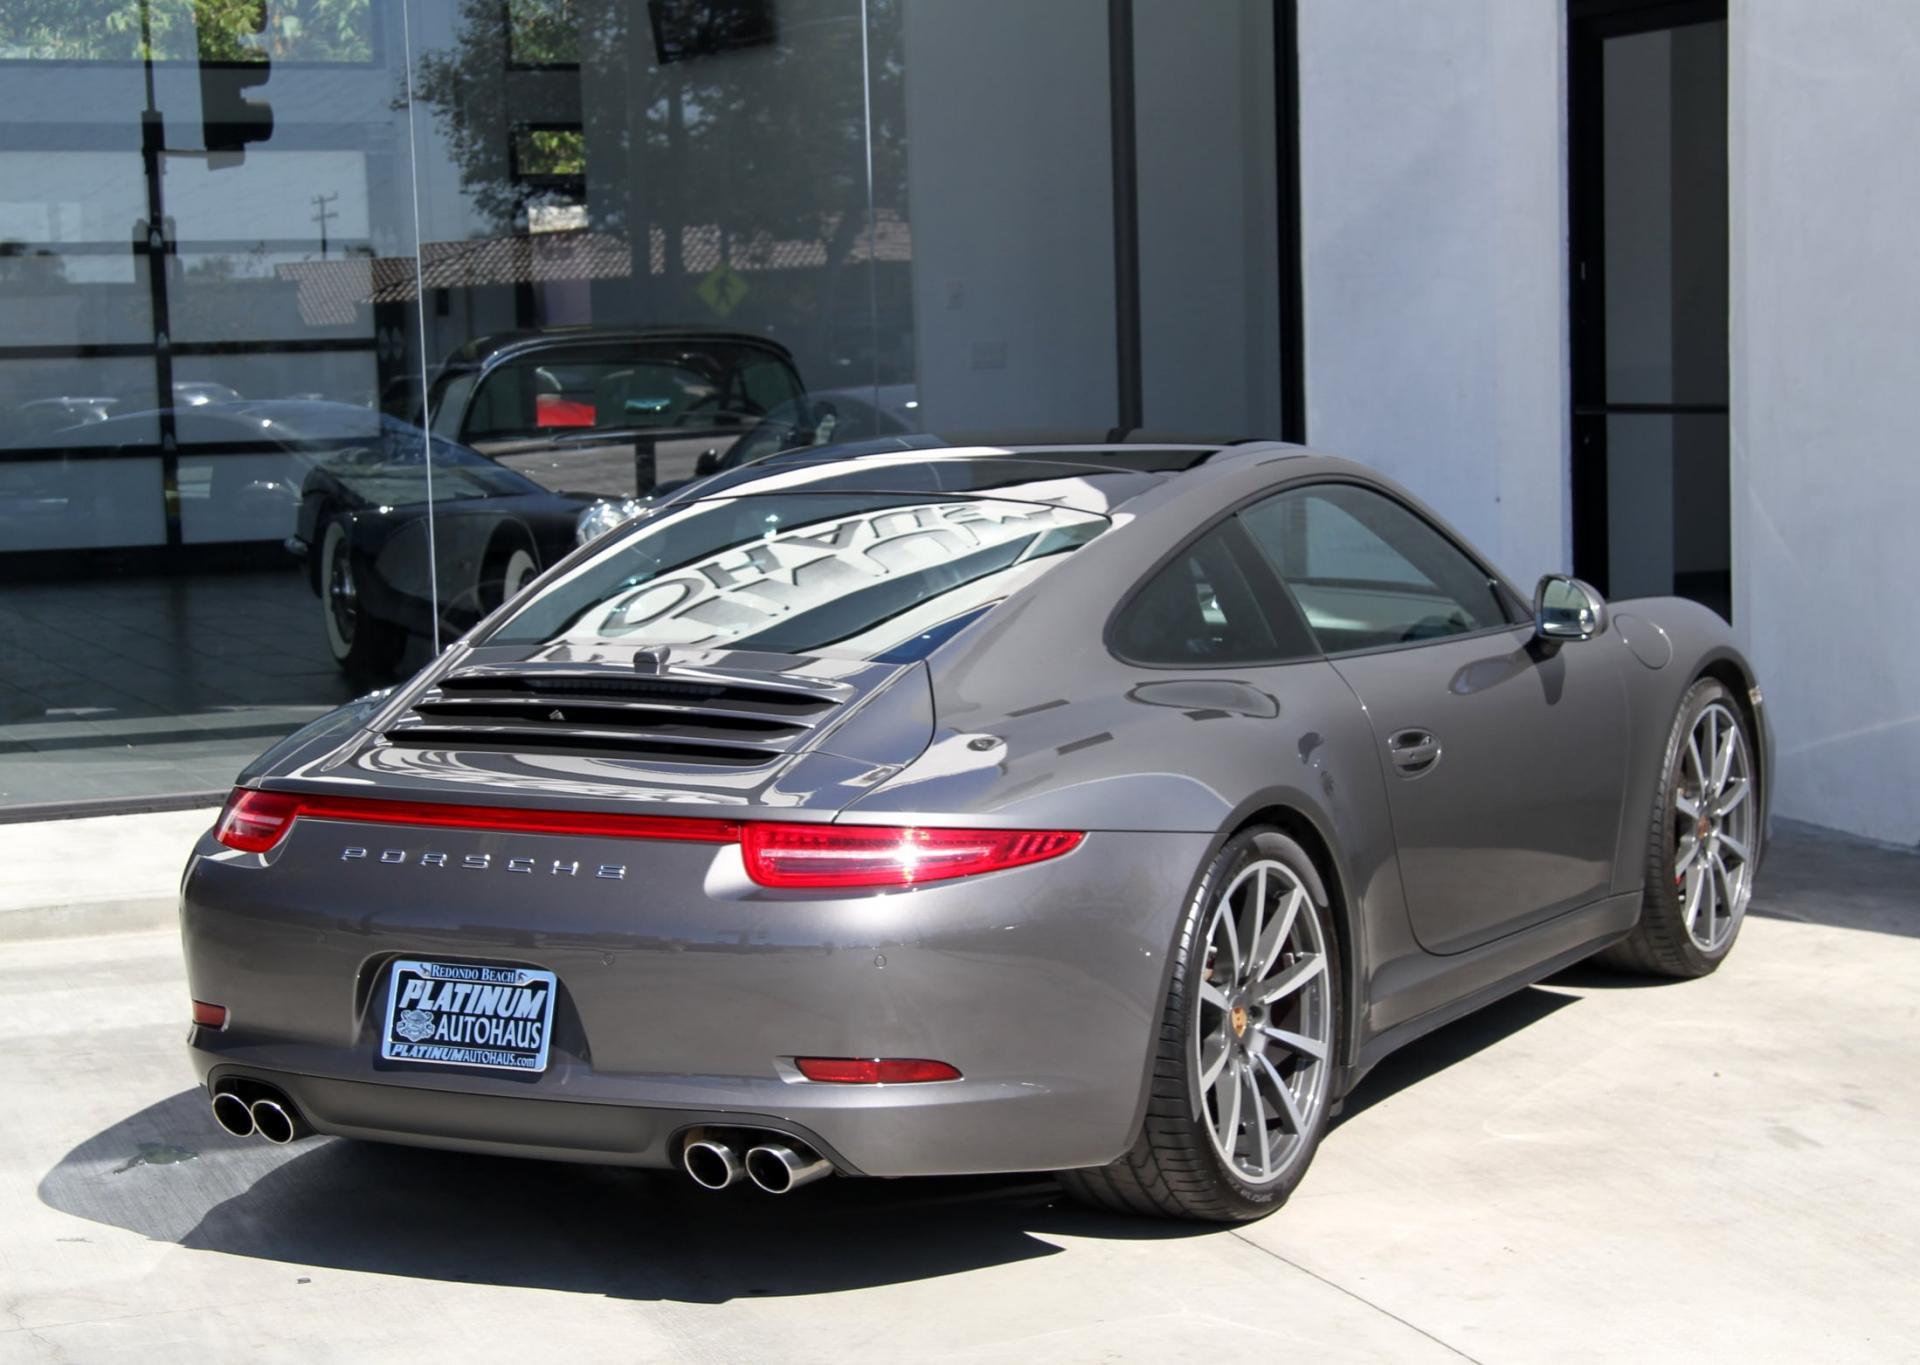 2014 Porsche 911 Carrera 4S Stock # 6015 for sale near ...